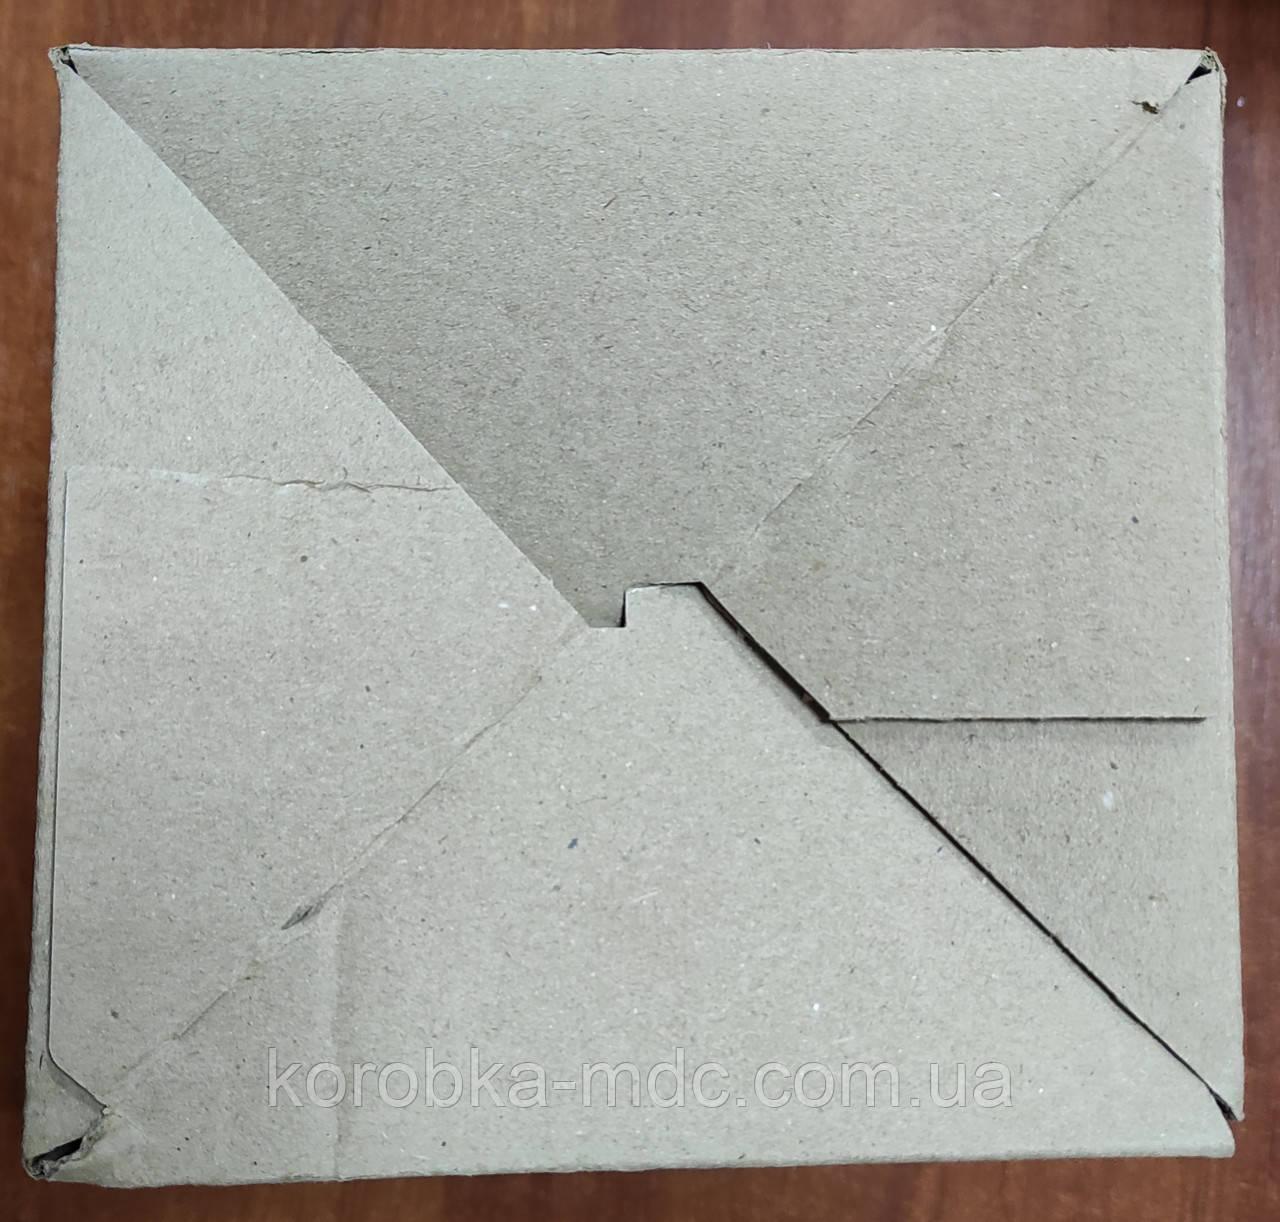 Коробка 5 л КВ влагопрочная Дно автомат